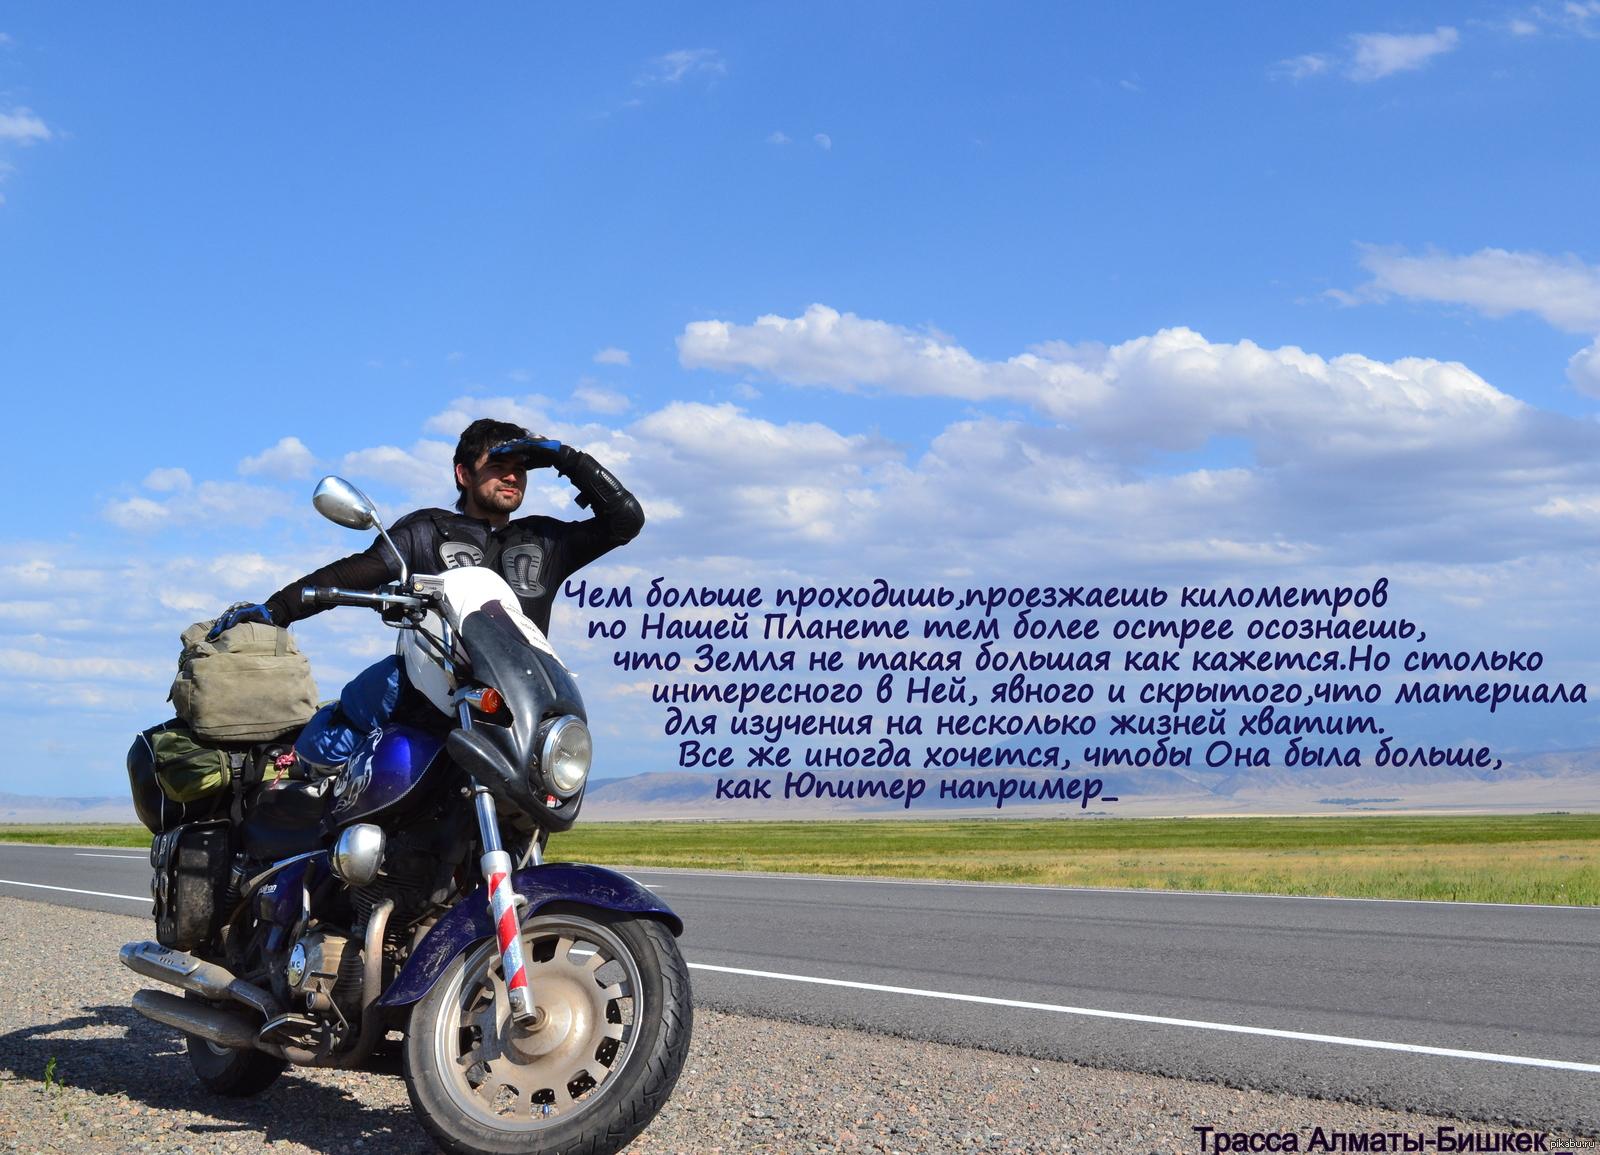 острове пожелания мотоциклисту в дорогу точно